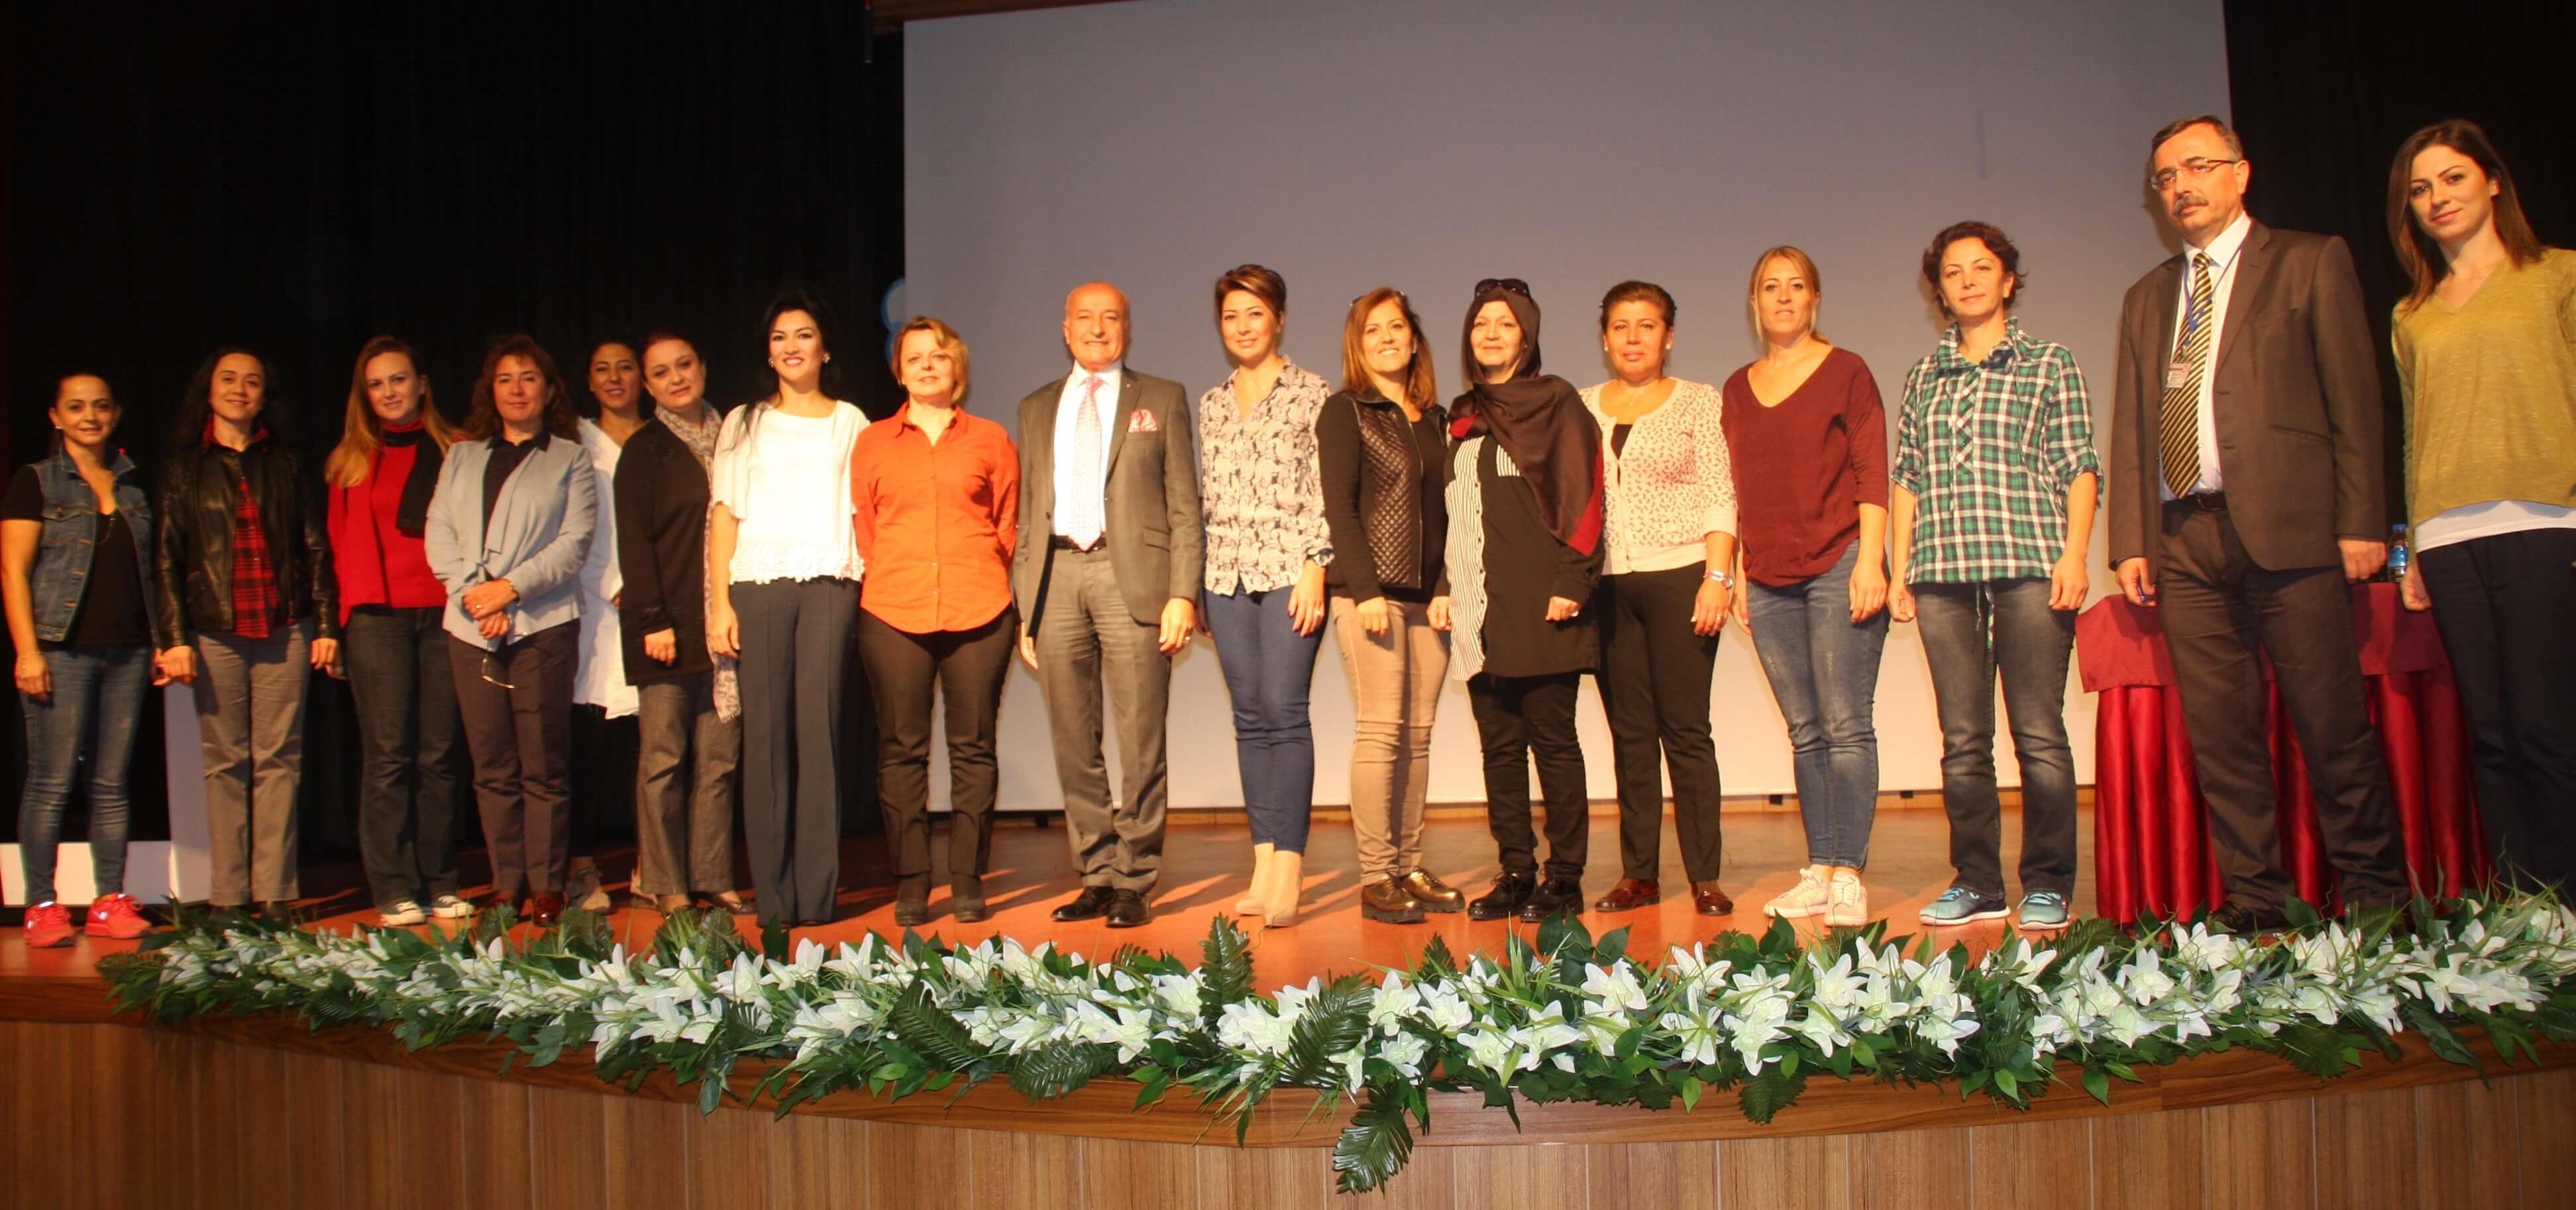 2016-2017 Yılı Okul Aile Birliği Genel Kurulu 15 Ekim Cumartesi günü gerçekleşti